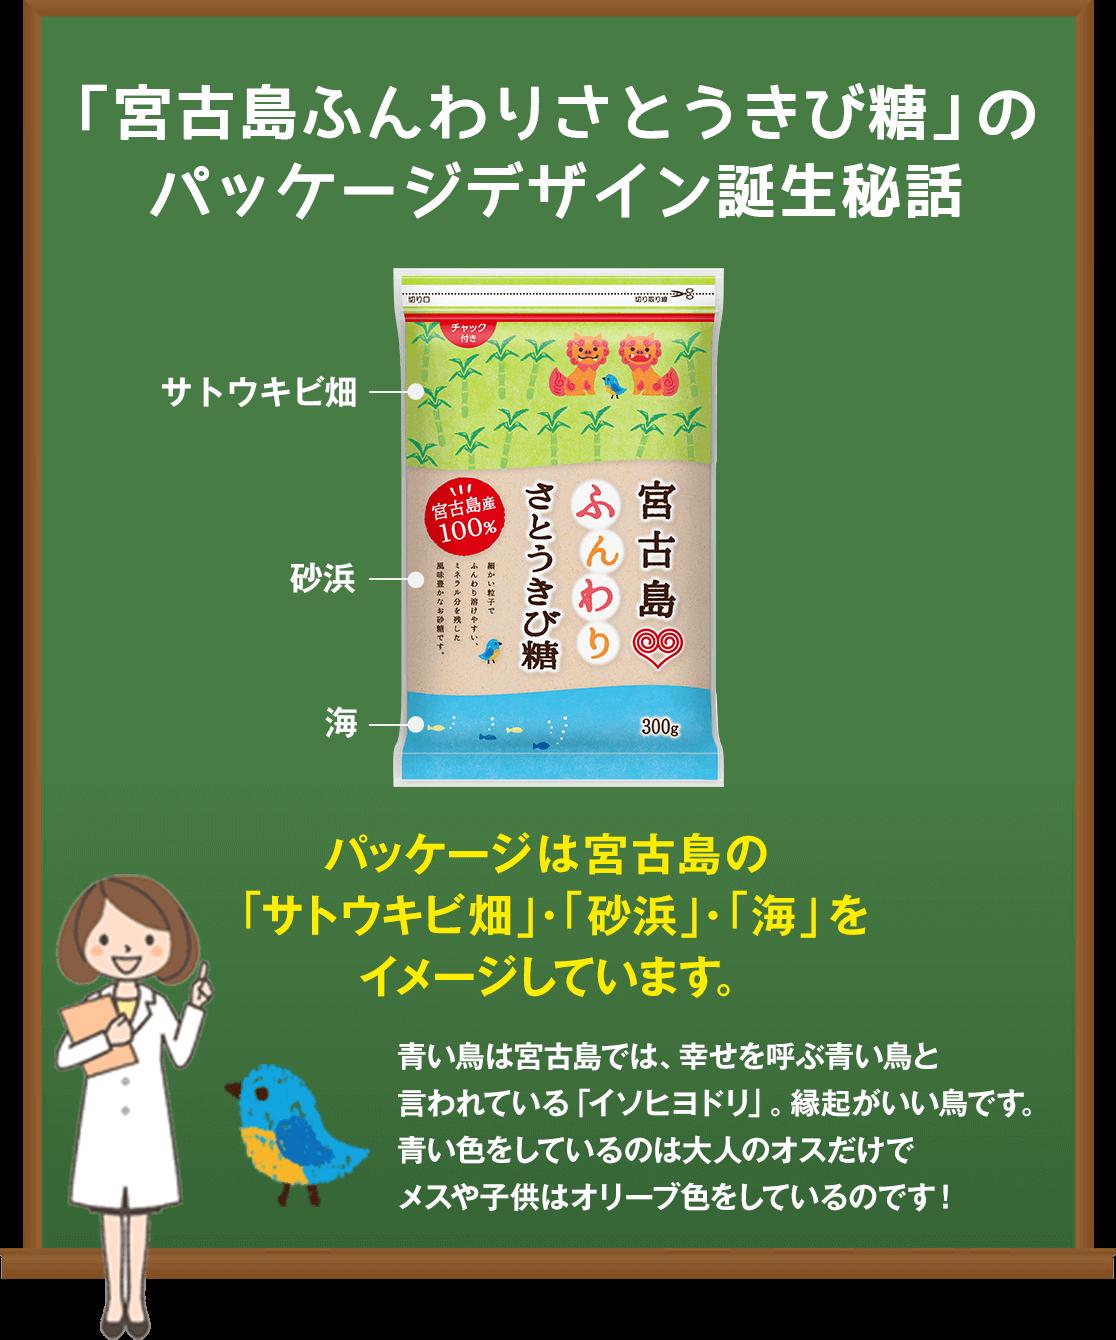 「宮古島ふんわりさとうきび糖」のパッケージデザイン誕生秘話